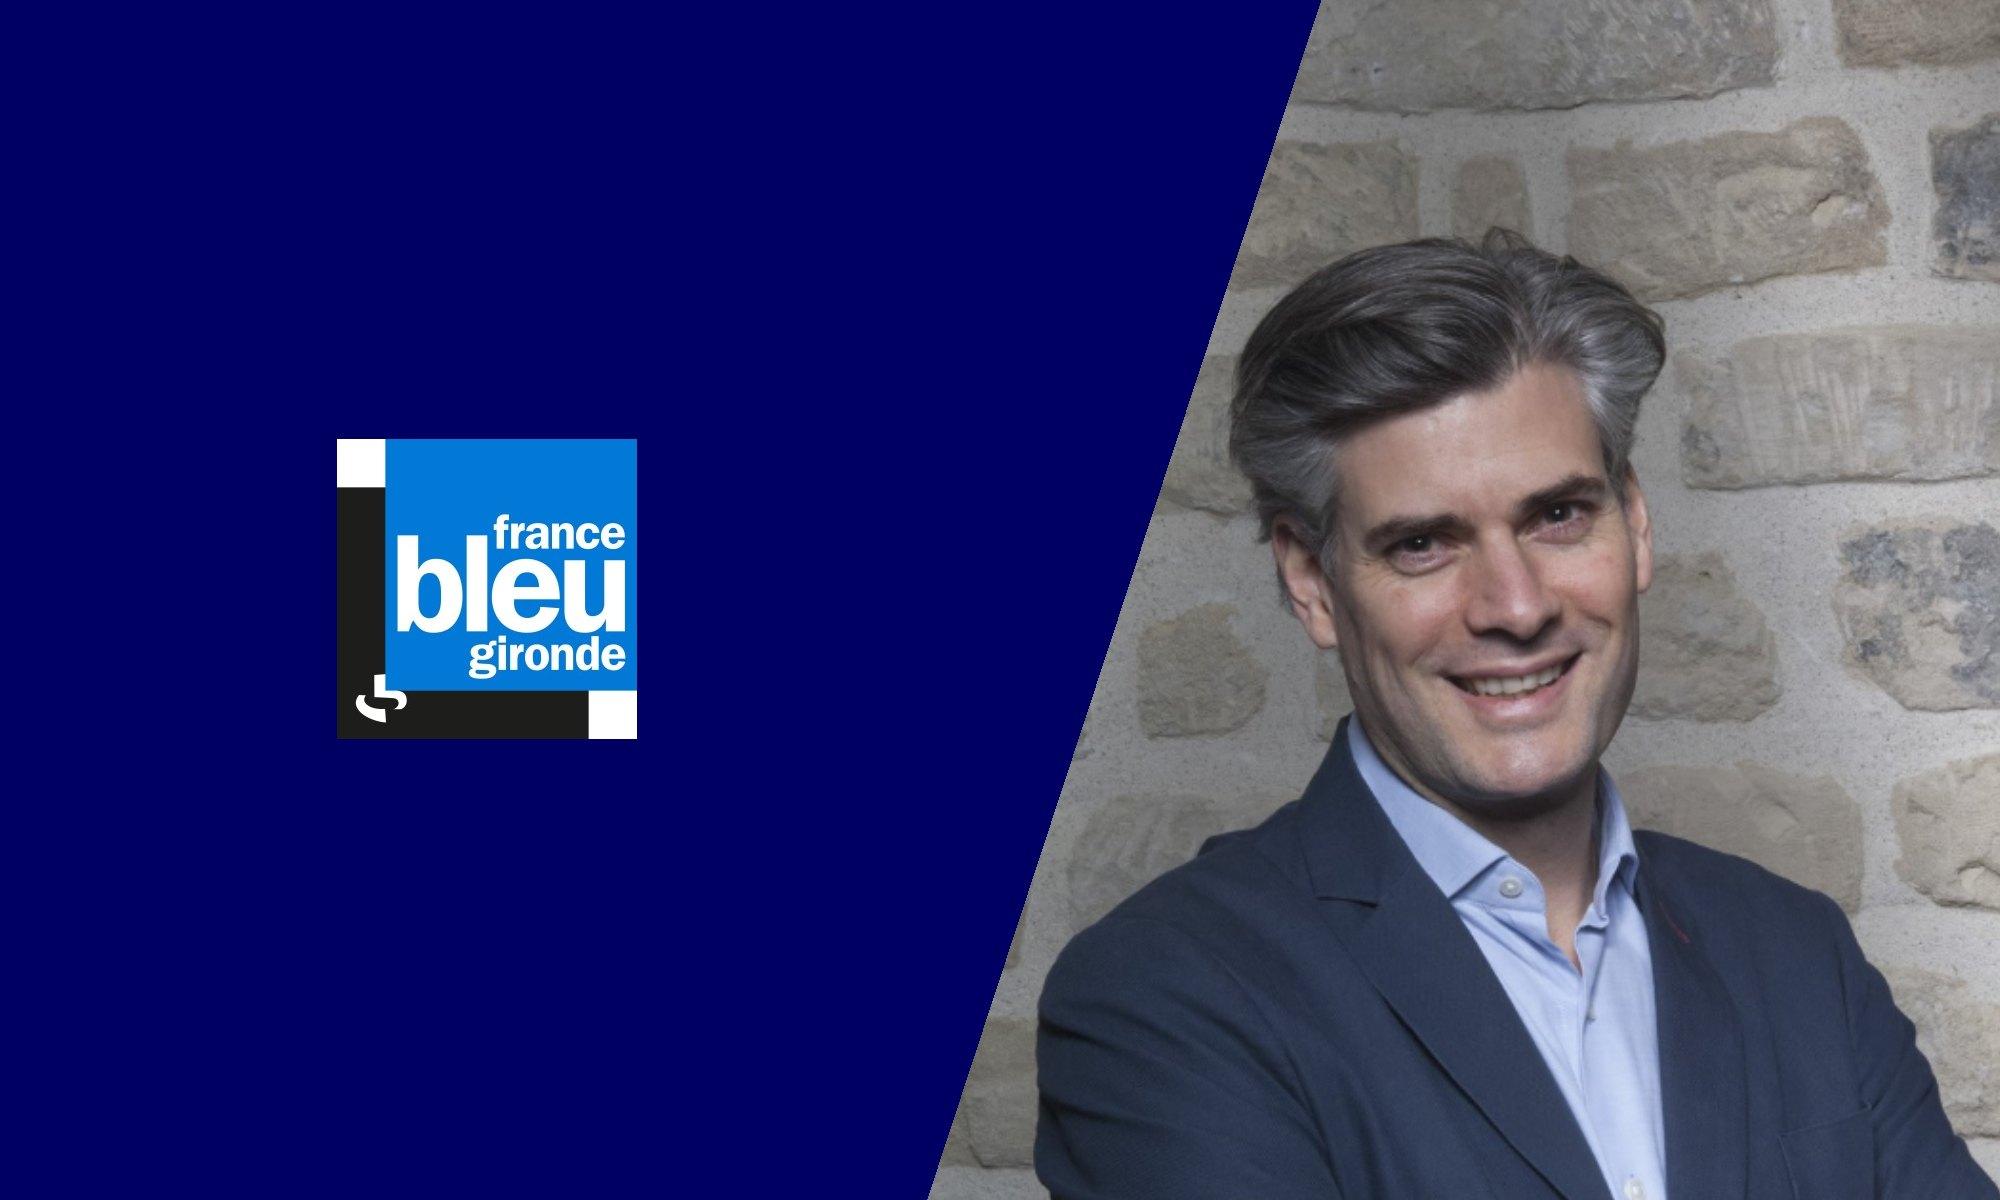 Florian Reinaud en interview sur France Bleu Gironde